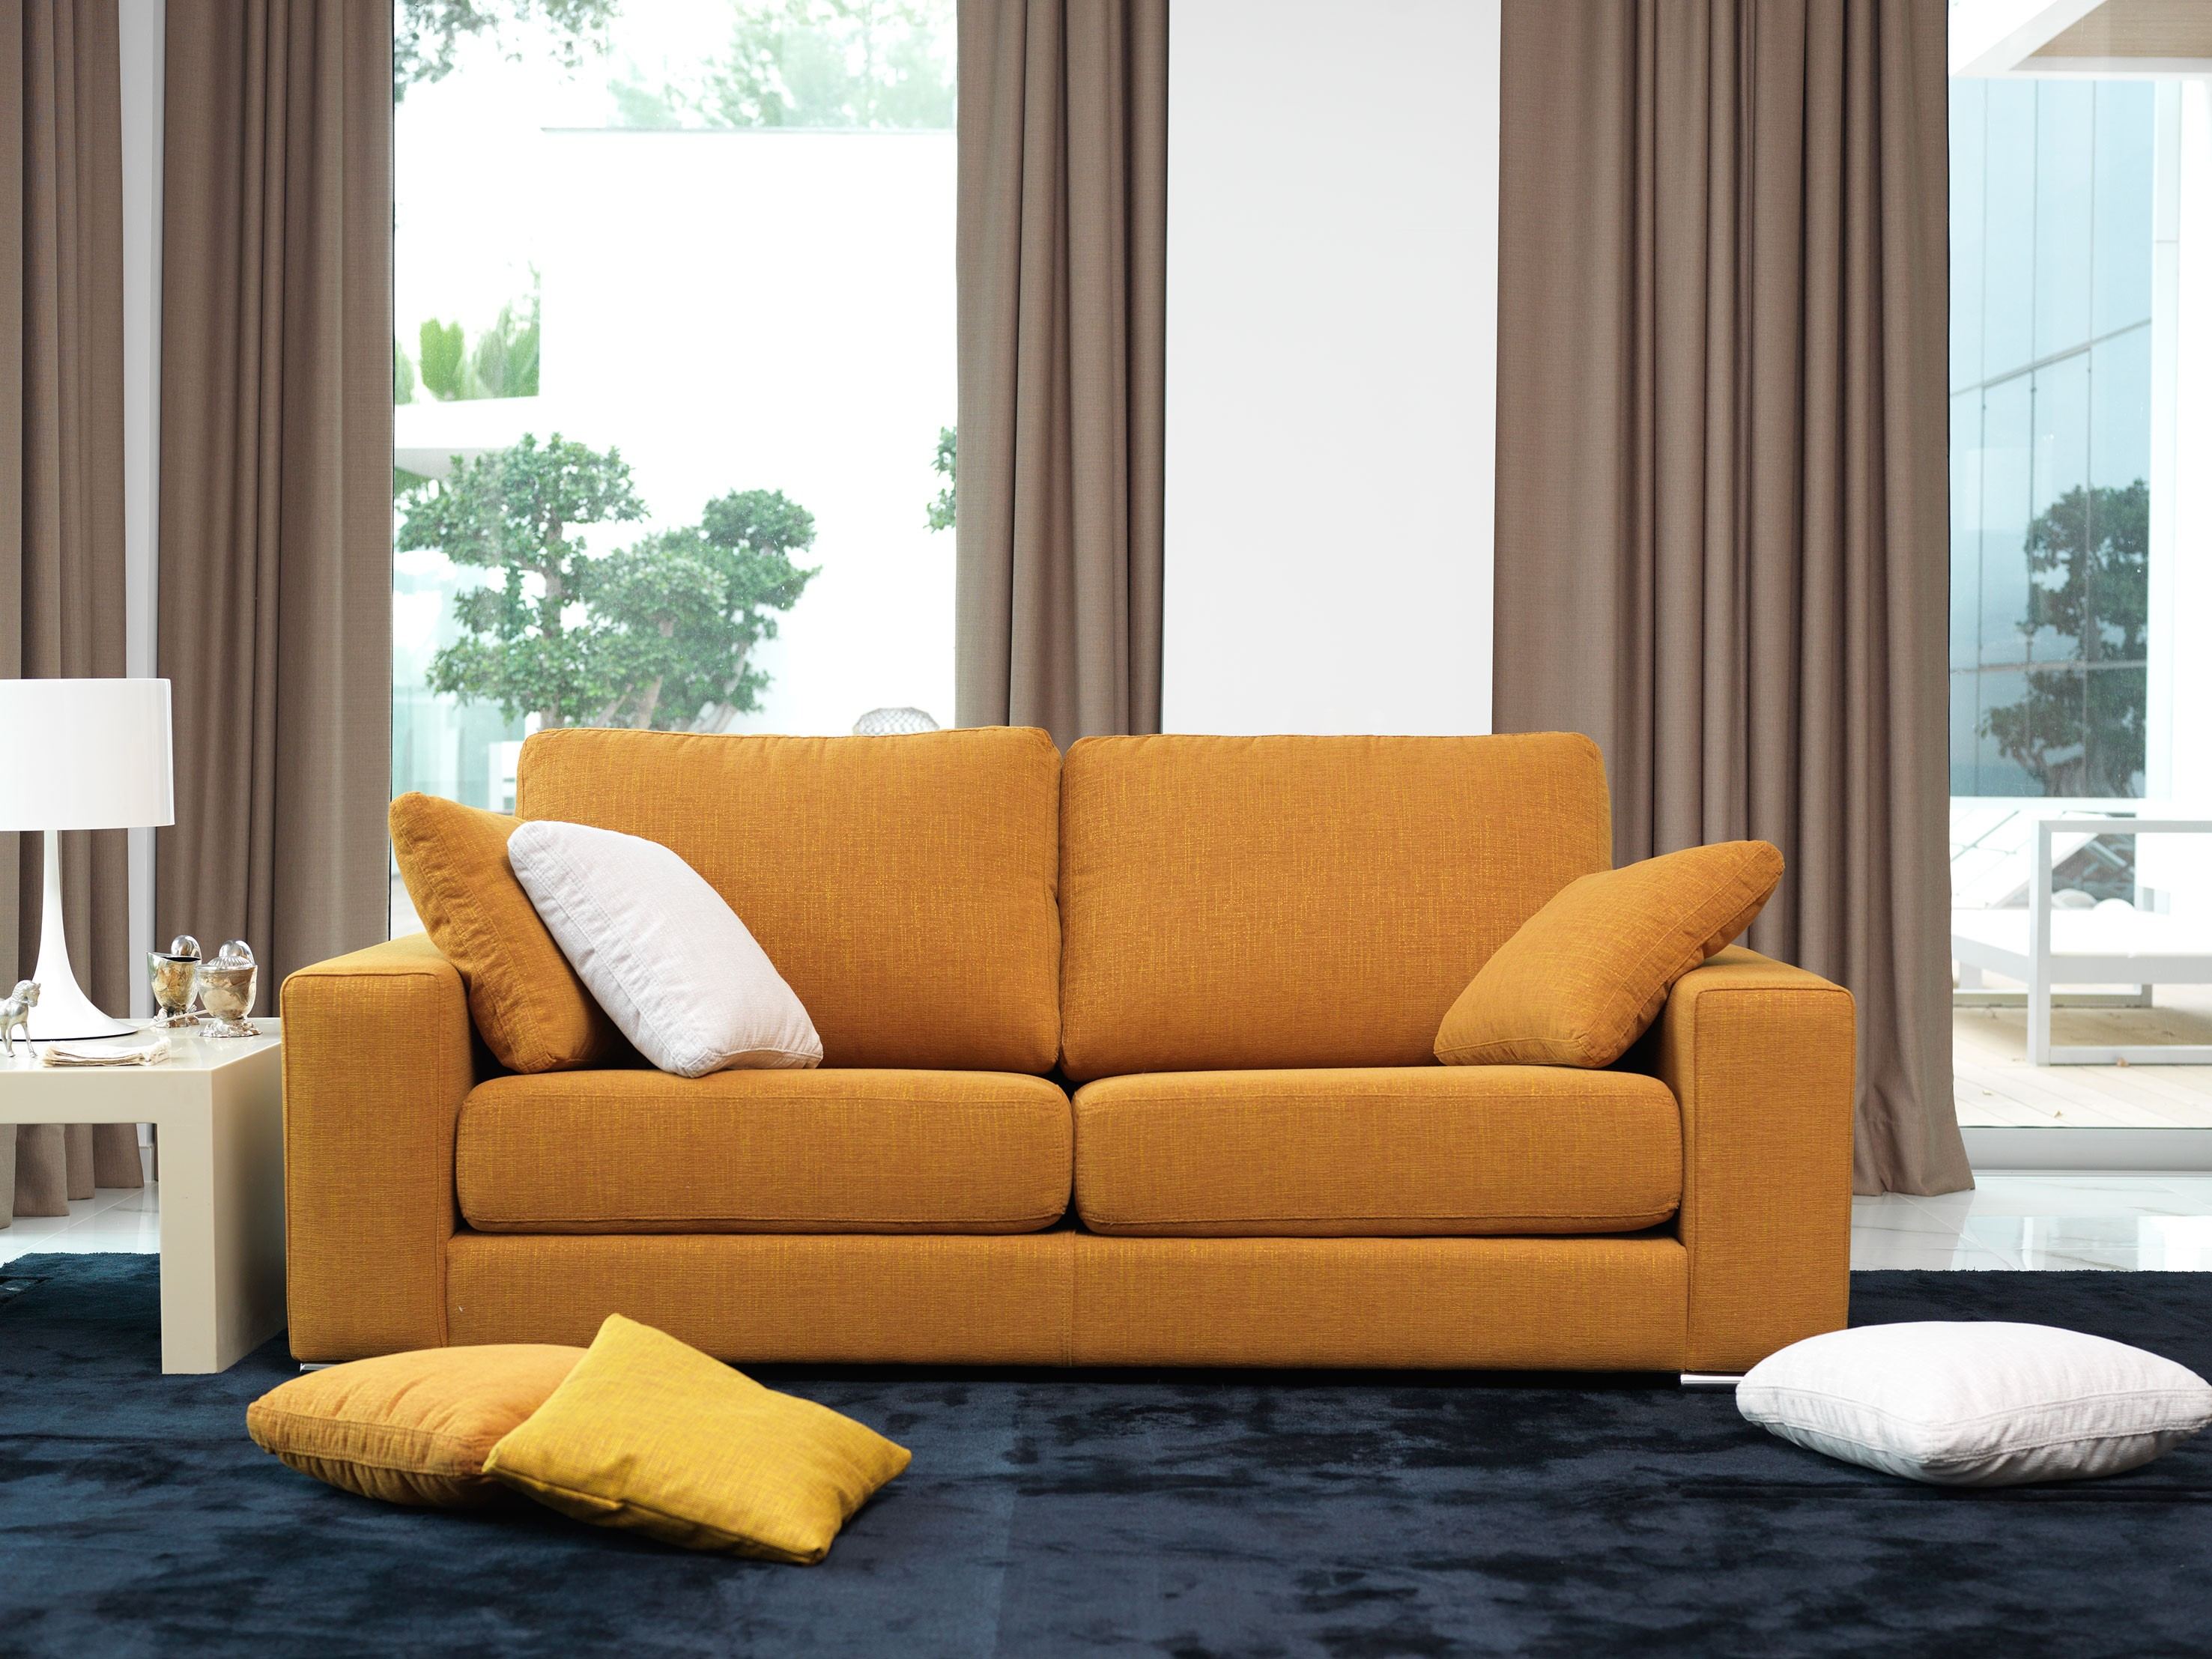 Sof comprar sof decoraci n sof s - Telas para sofas online ...